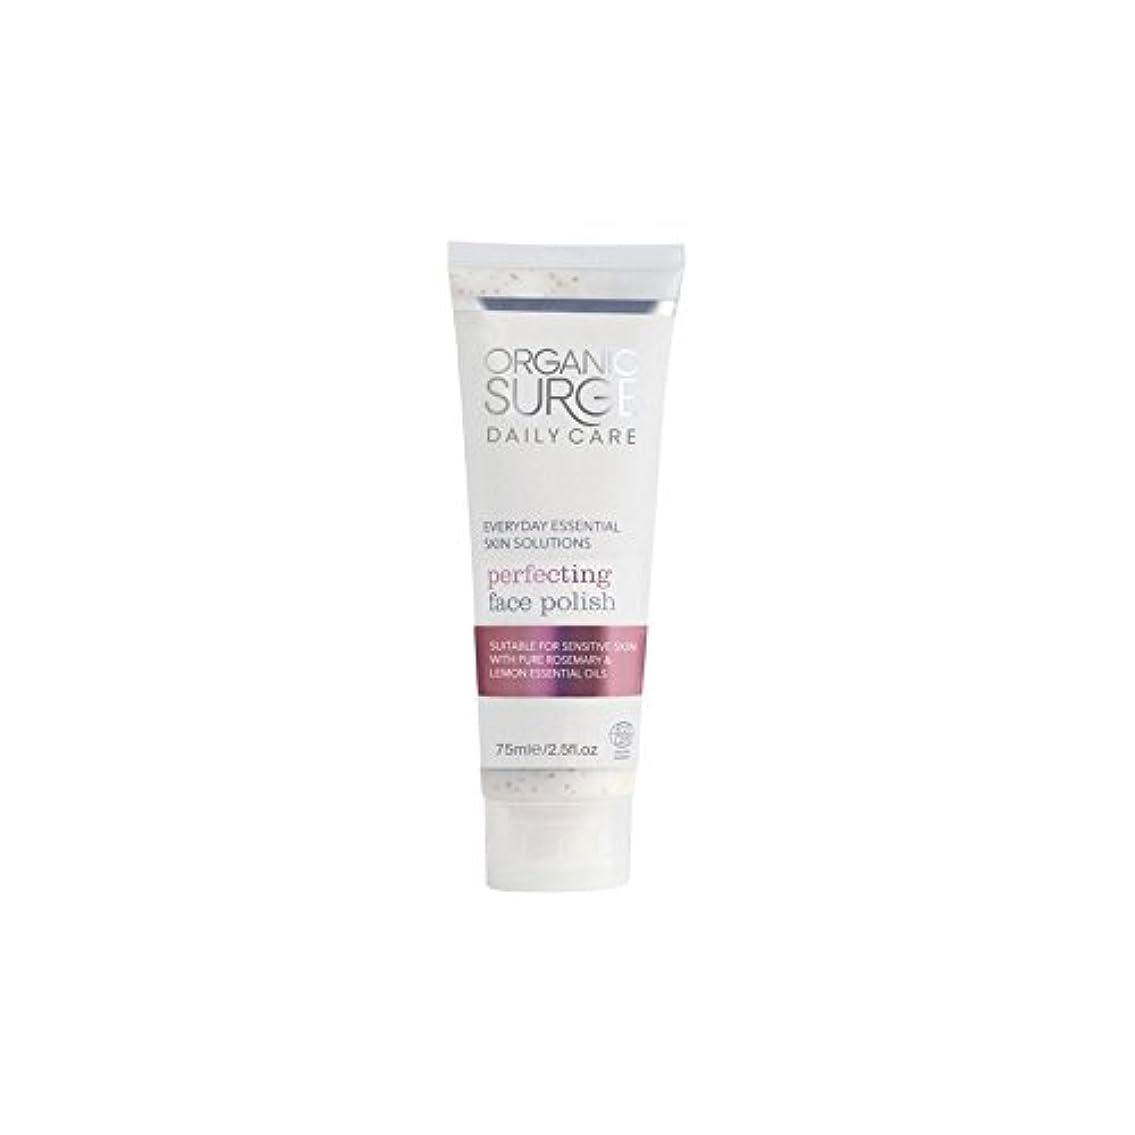 作成する糸言い聞かせる面研磨を完成有機サージ毎日のケア(75ミリリットル) x2 - Organic Surge Daily Care Perfecting Face Polish (75ml) (Pack of 2) [並行輸入品]